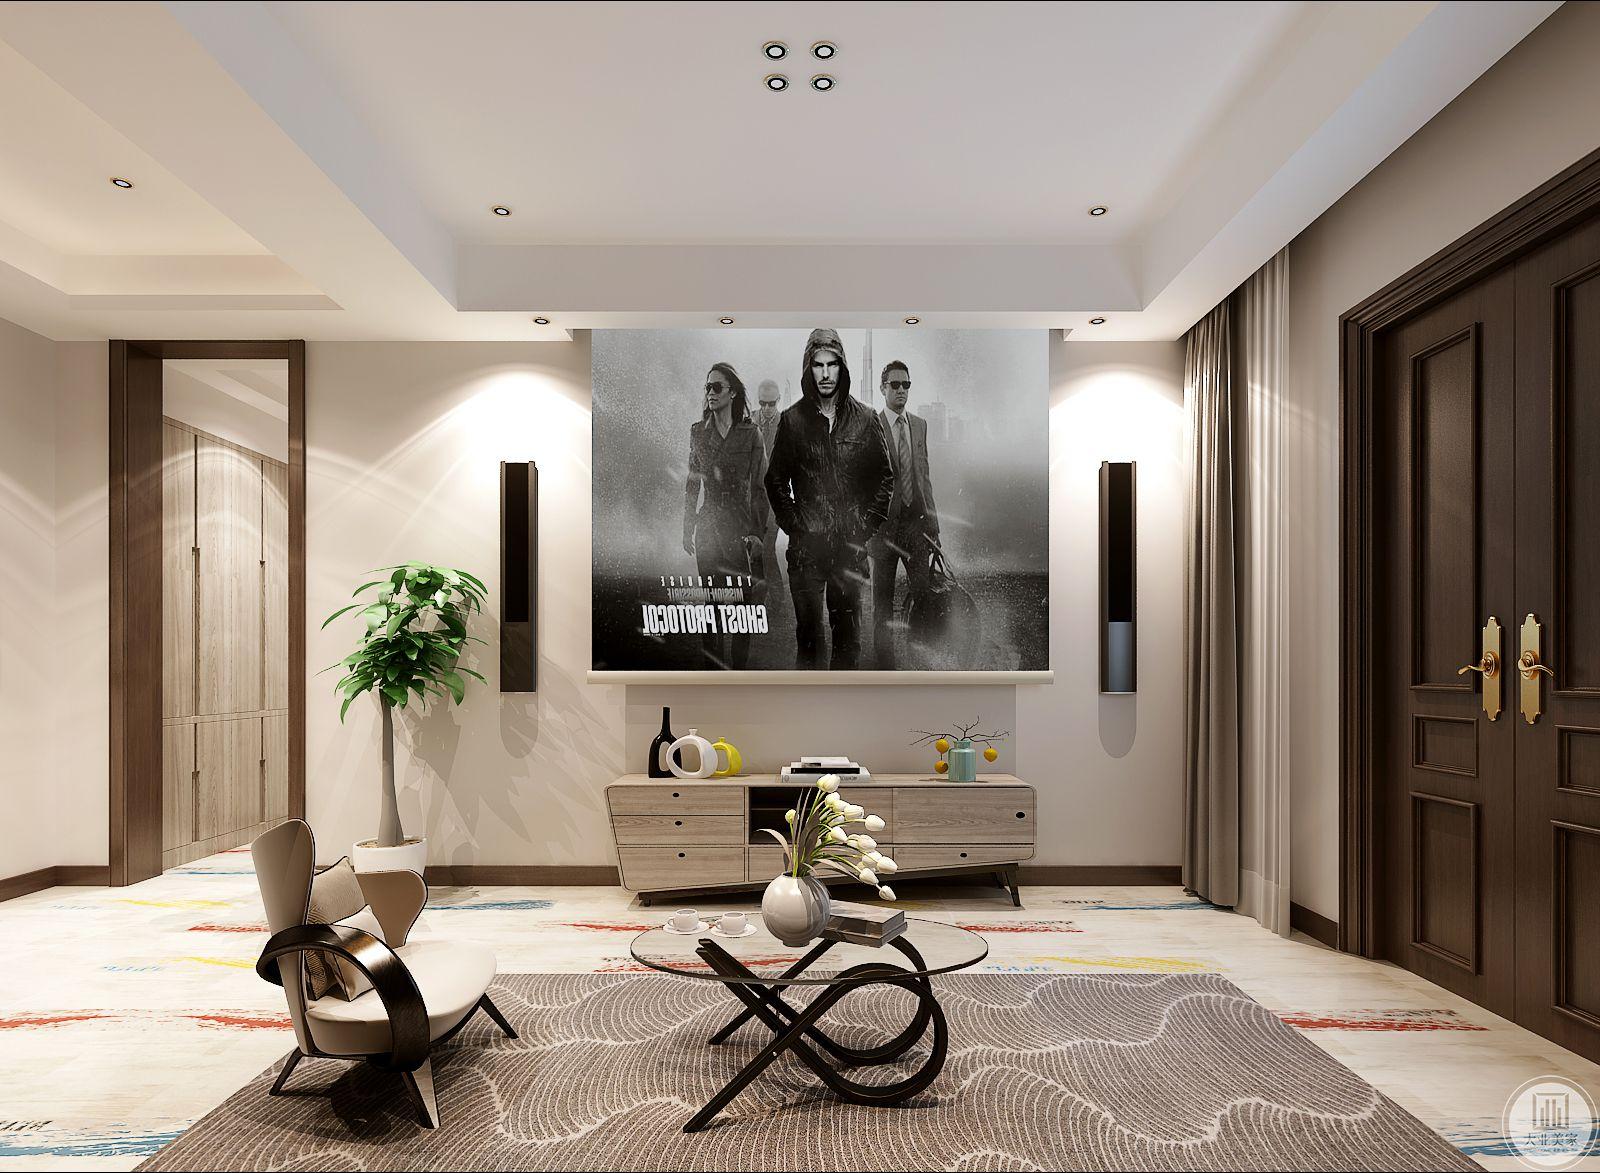 客厅线条纹样的地毯十分现代化,上面是精致小巧的茶几,可以看得到电视被投影幕布取代,下面的浅色电视柜做成不规则的样式。